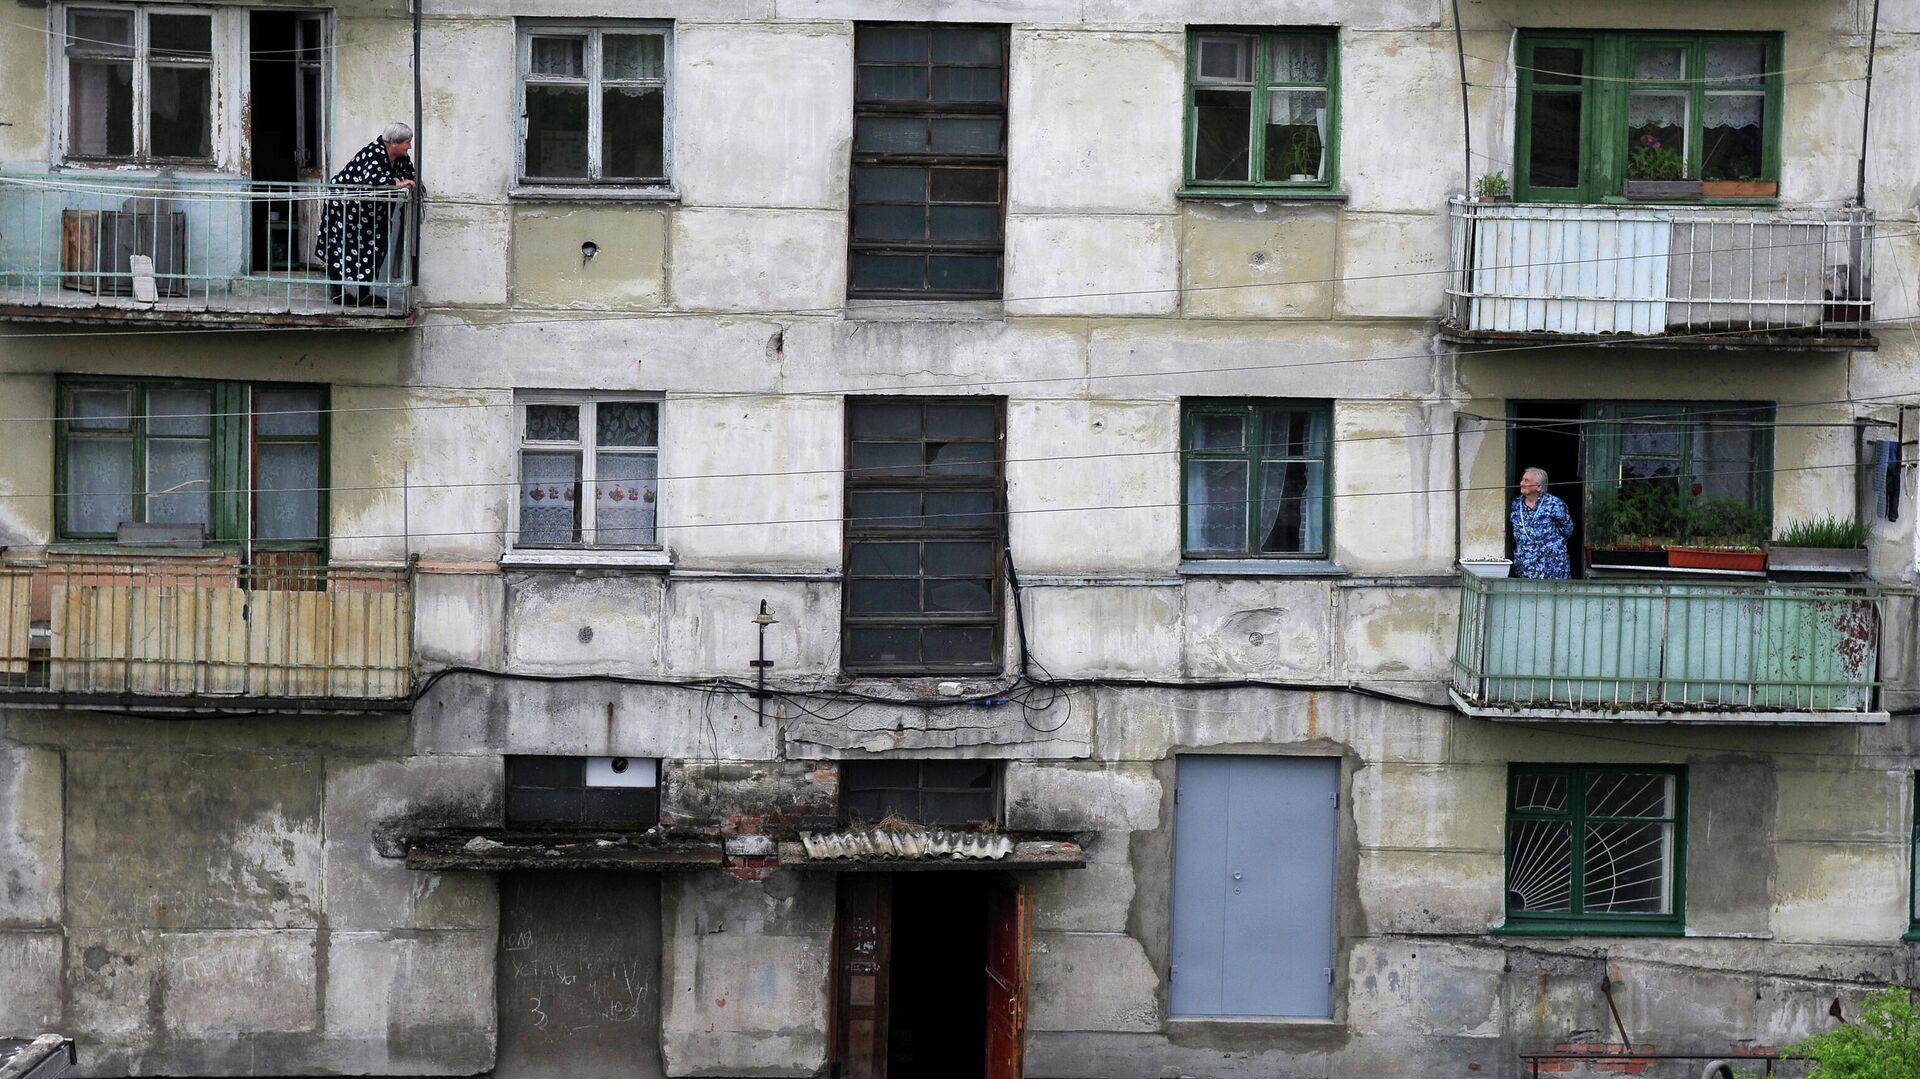 Жилой дом в городе Кемь Архангельской  области - РИА Новости, 1920, 09.10.2020